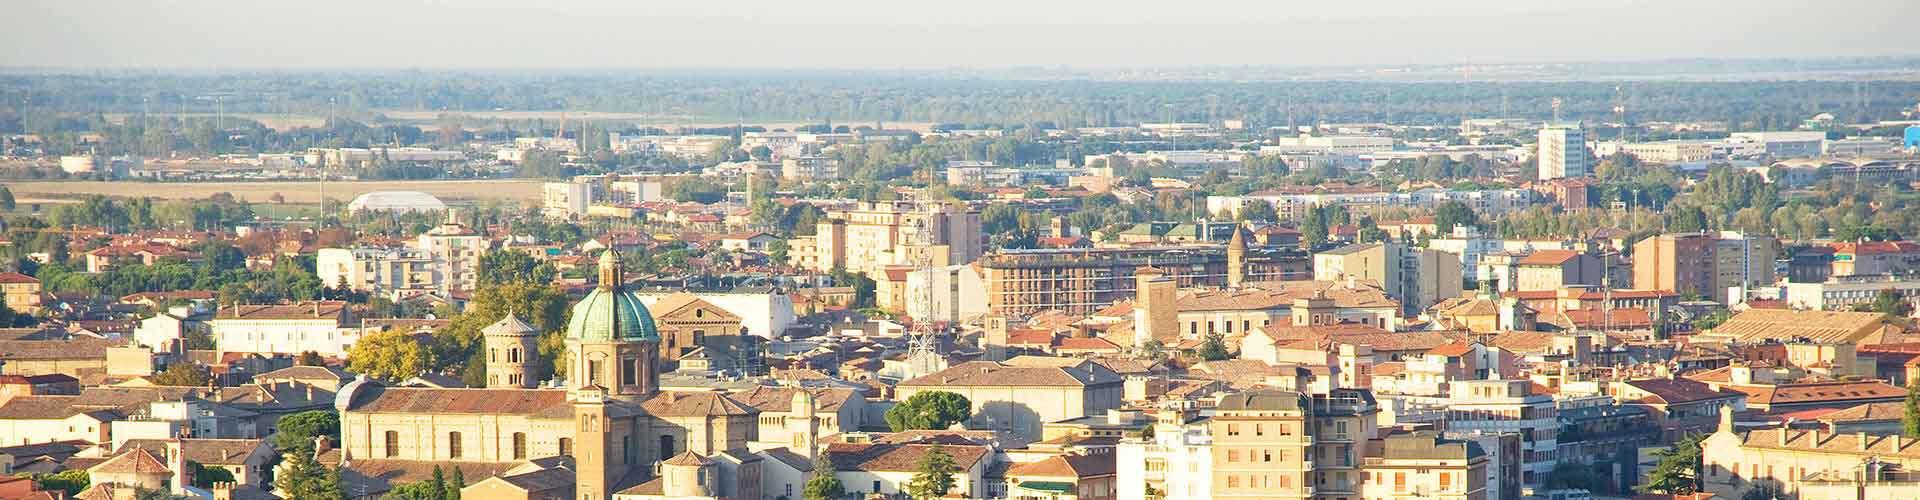 Ravenna - Habitaciones en Ravenna. Mapas de Ravenna, Fotos y comentarios de cada Habitación en Ravenna.